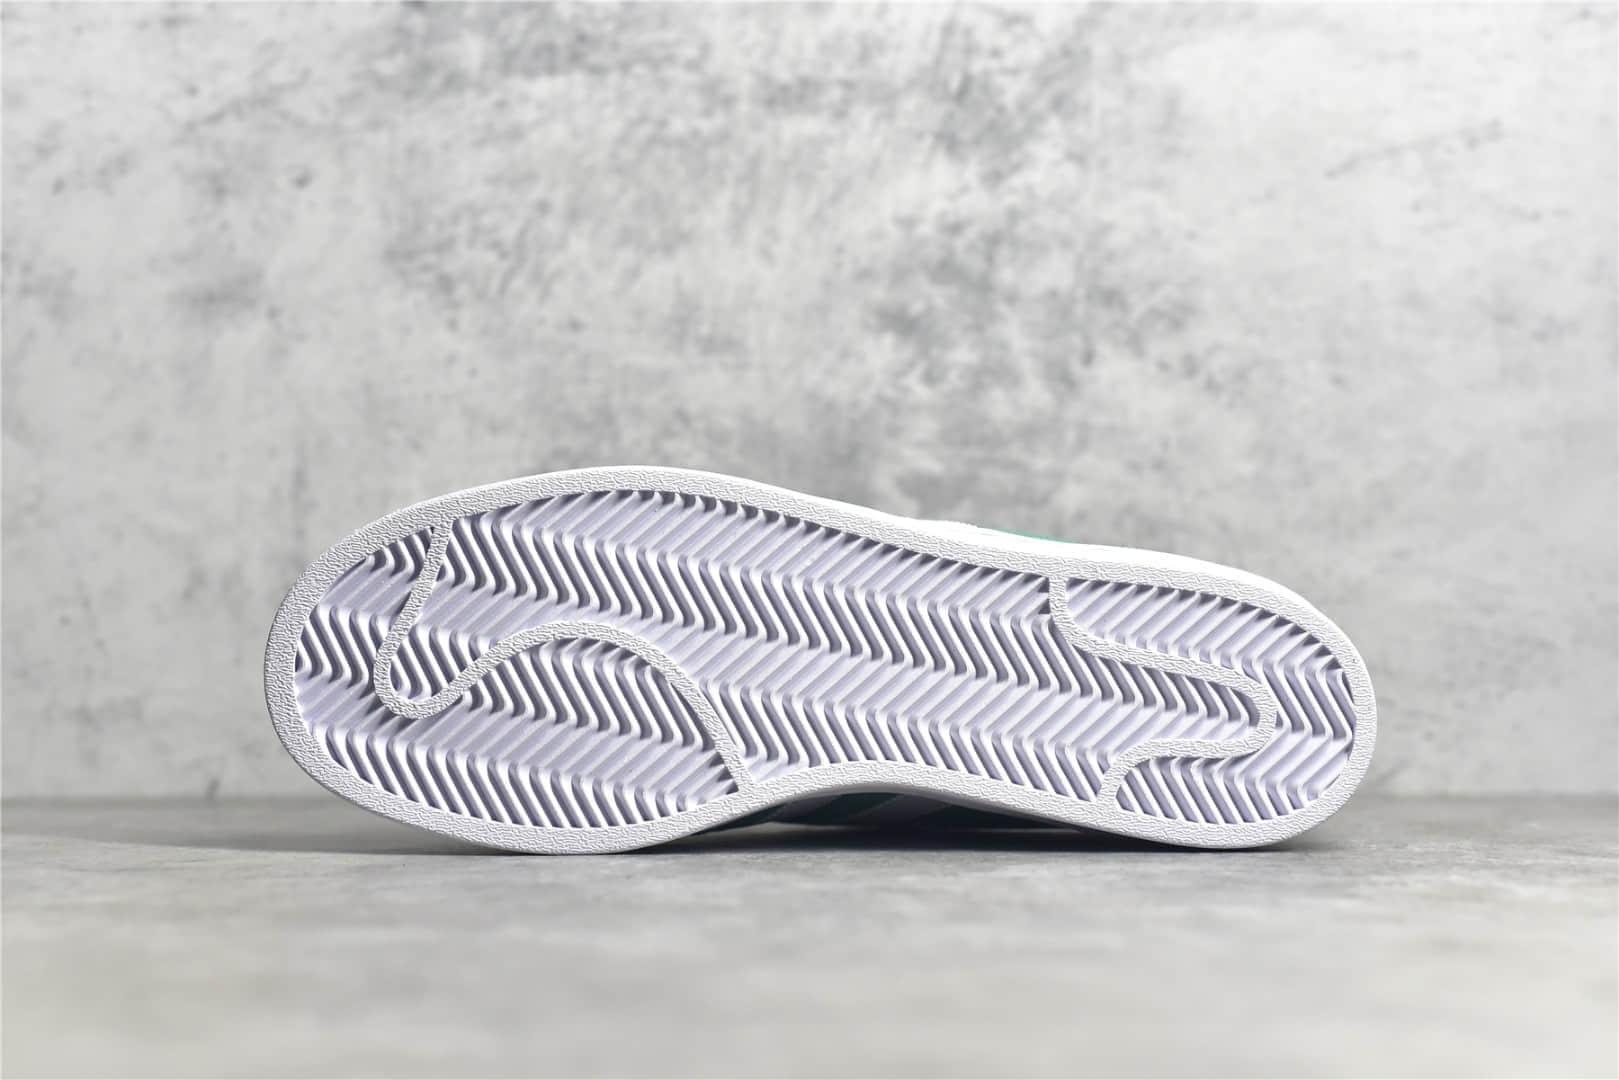 阿迪达斯三叶草贝壳头绿色帆布鞋 Adidas Originals Superstar Green 公司级阿迪达斯低帮板鞋 货号:AJ7917-潮流者之家